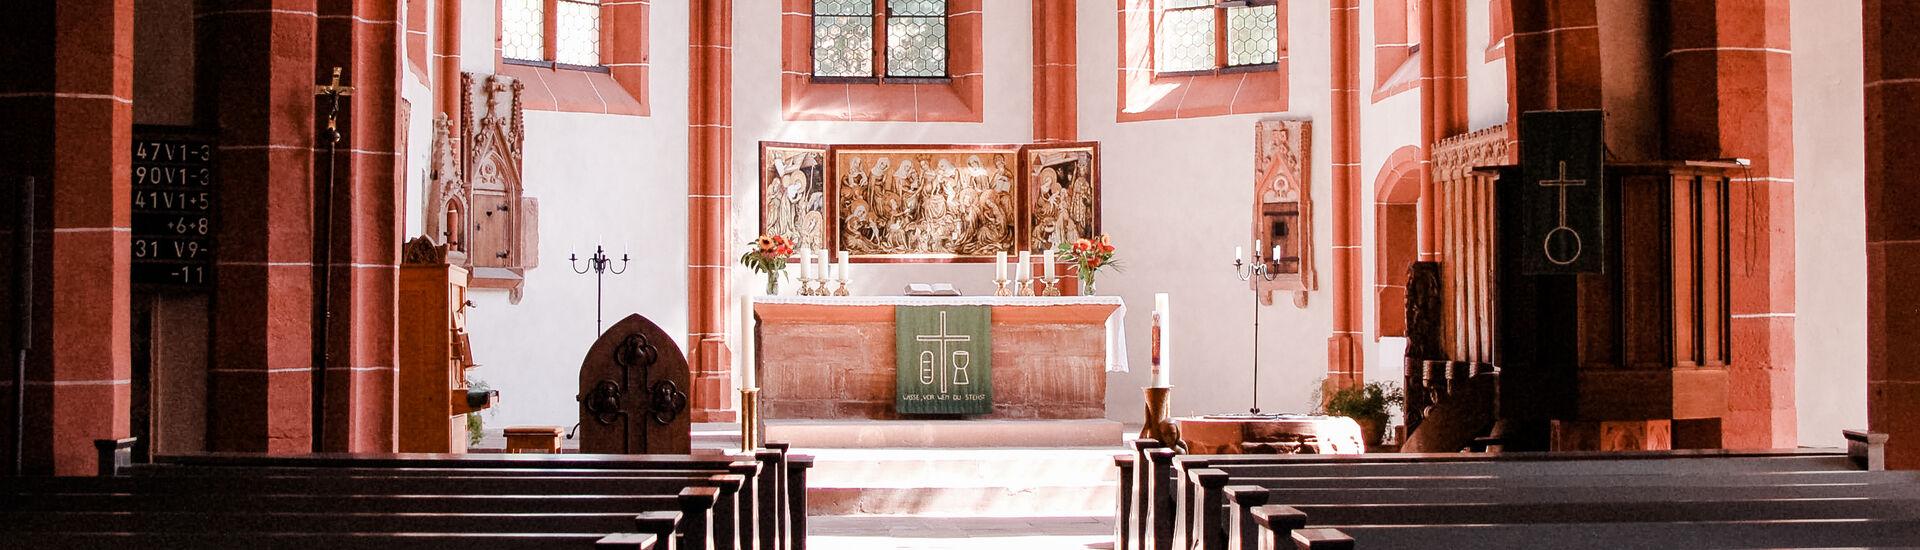 Altarbild in der Ortenberger Marienkirche